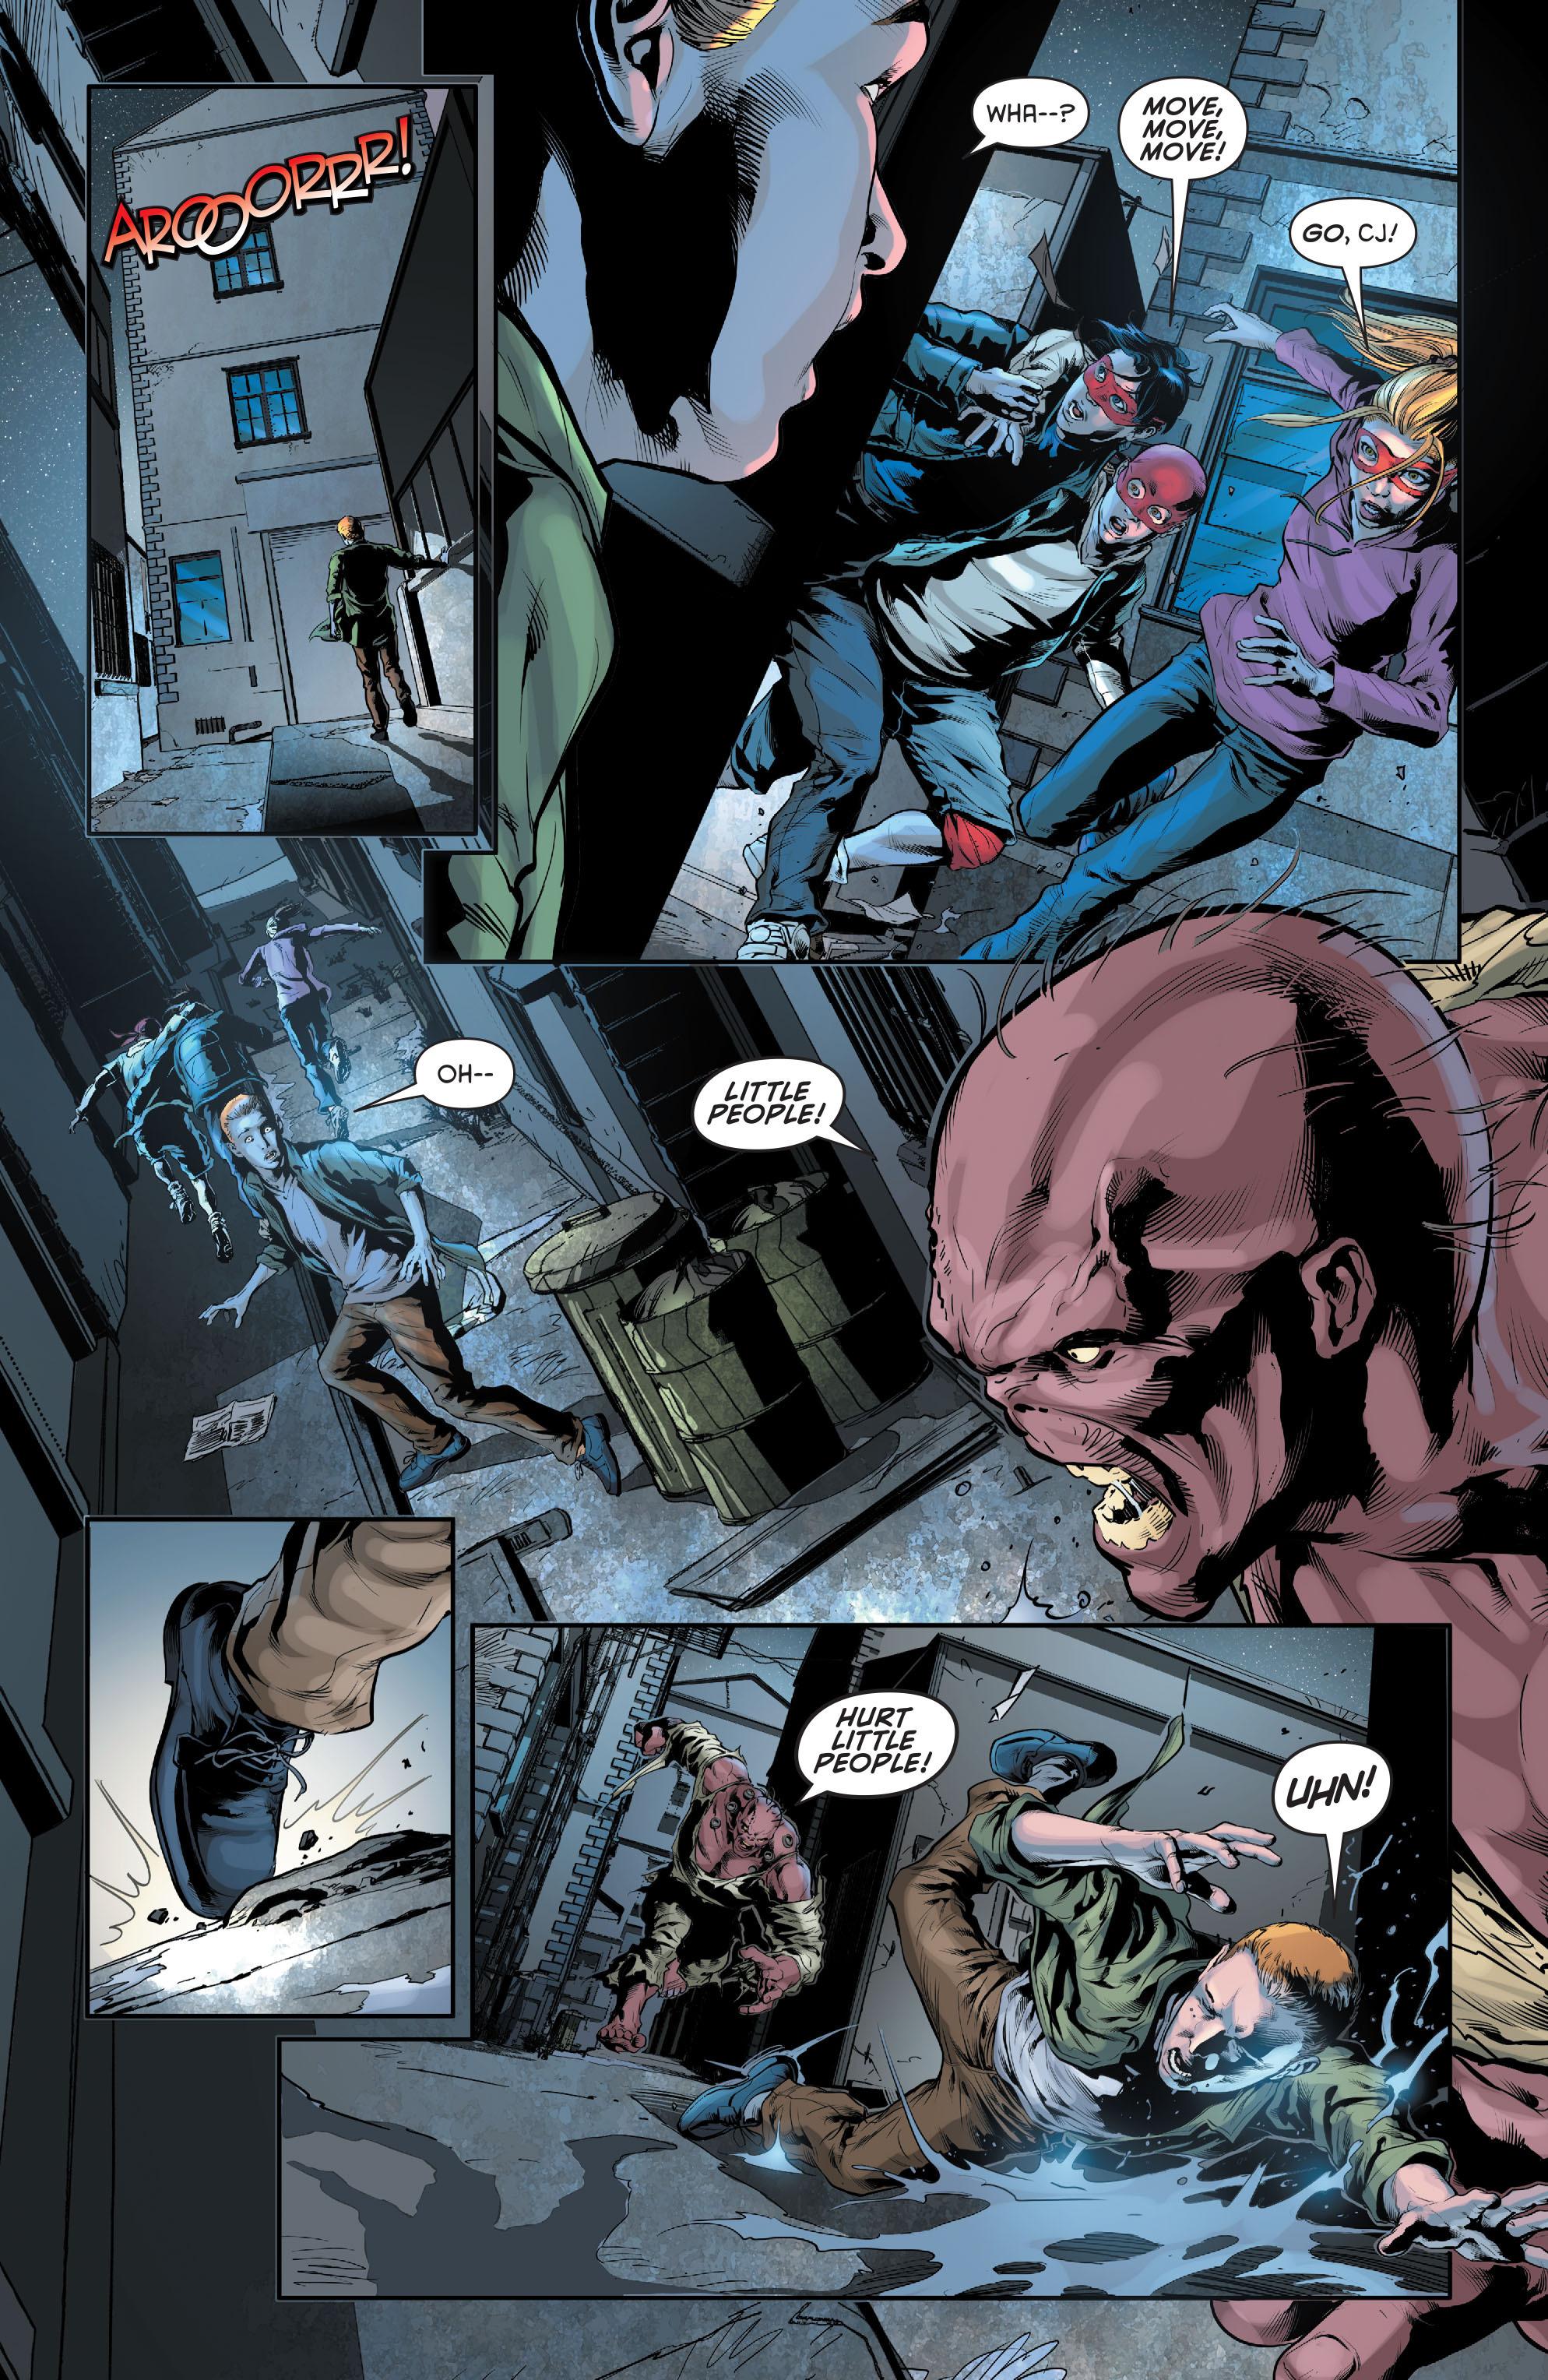 DC Comics: Zero Year chap tpb pic 364